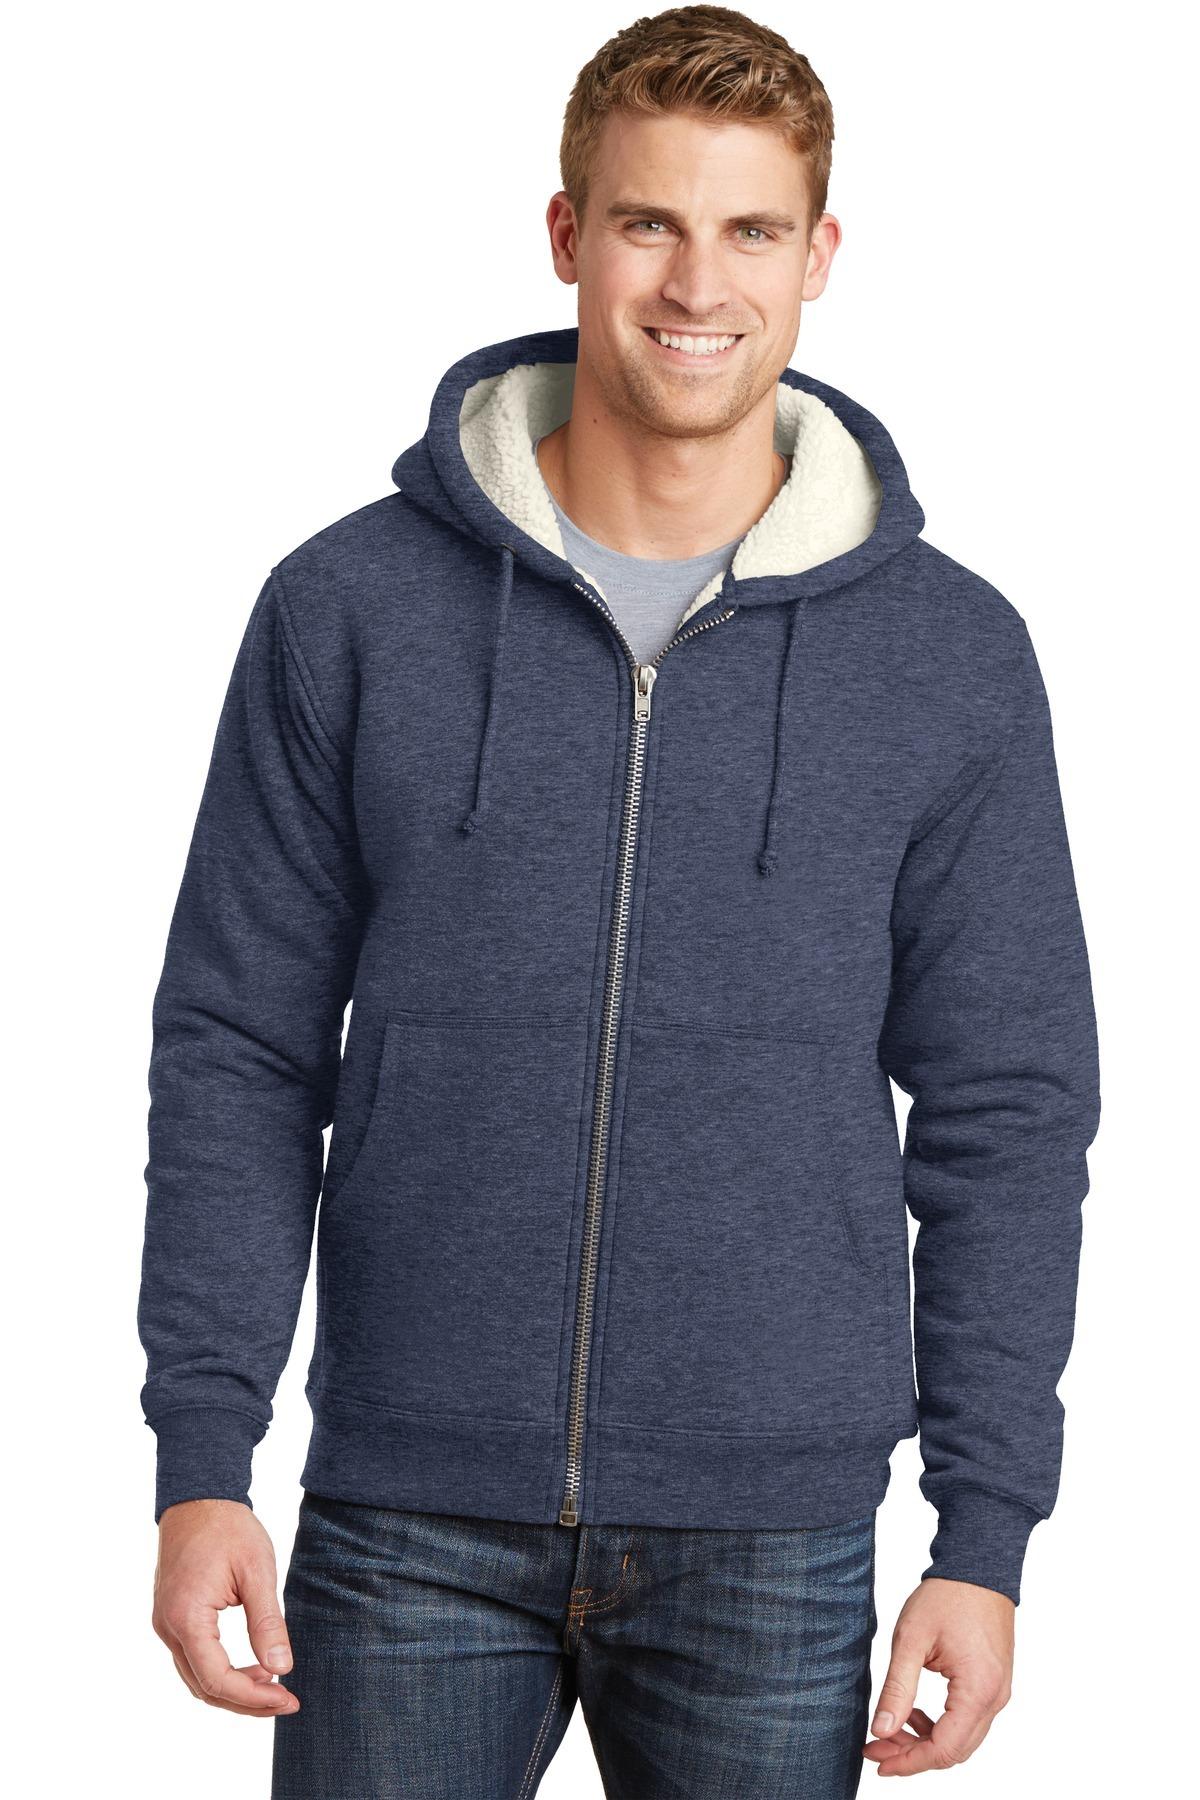 ca72a8c34 CornerStone® Heavyweight Sherpa-Lined Hooded Fleece Jacket ...